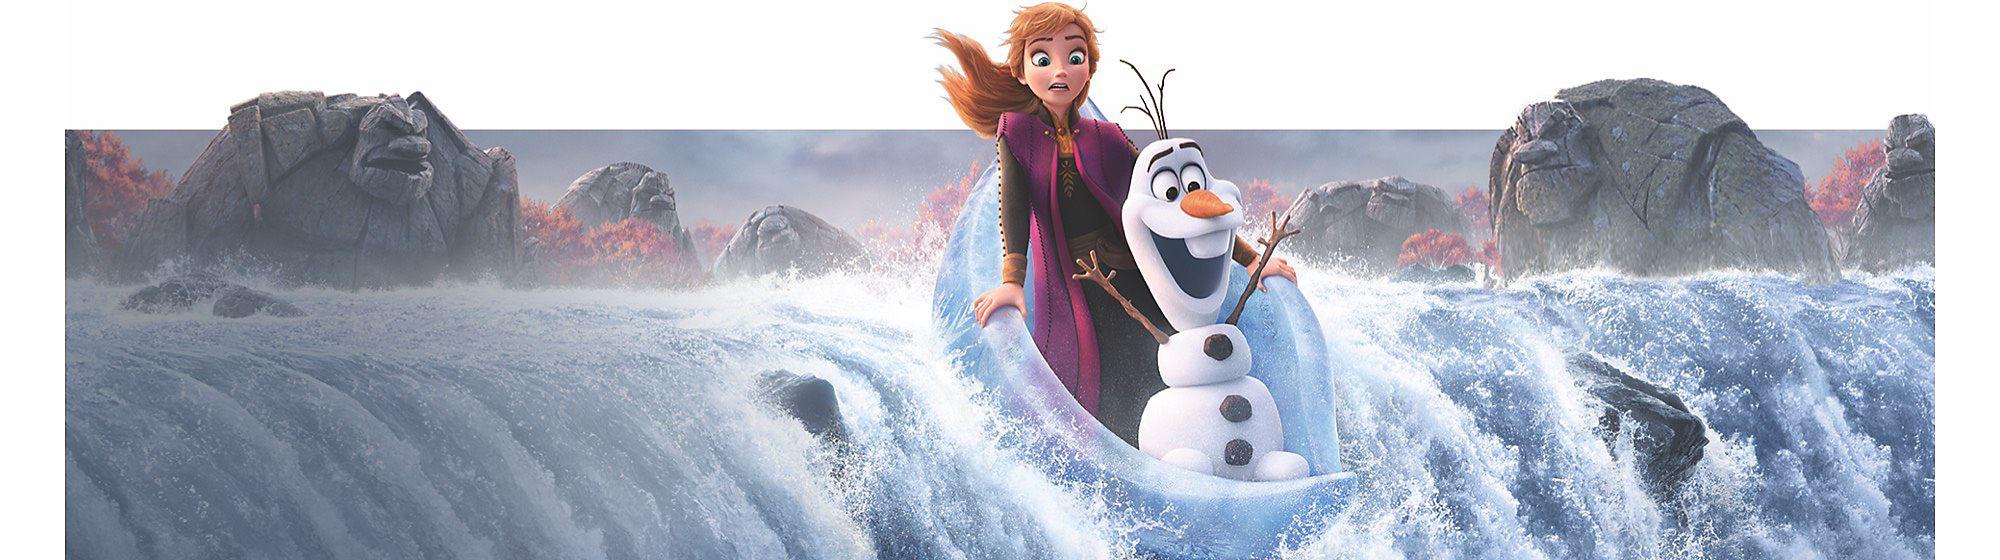 Tu destino para el producto de Frozen 2  COMPRAR